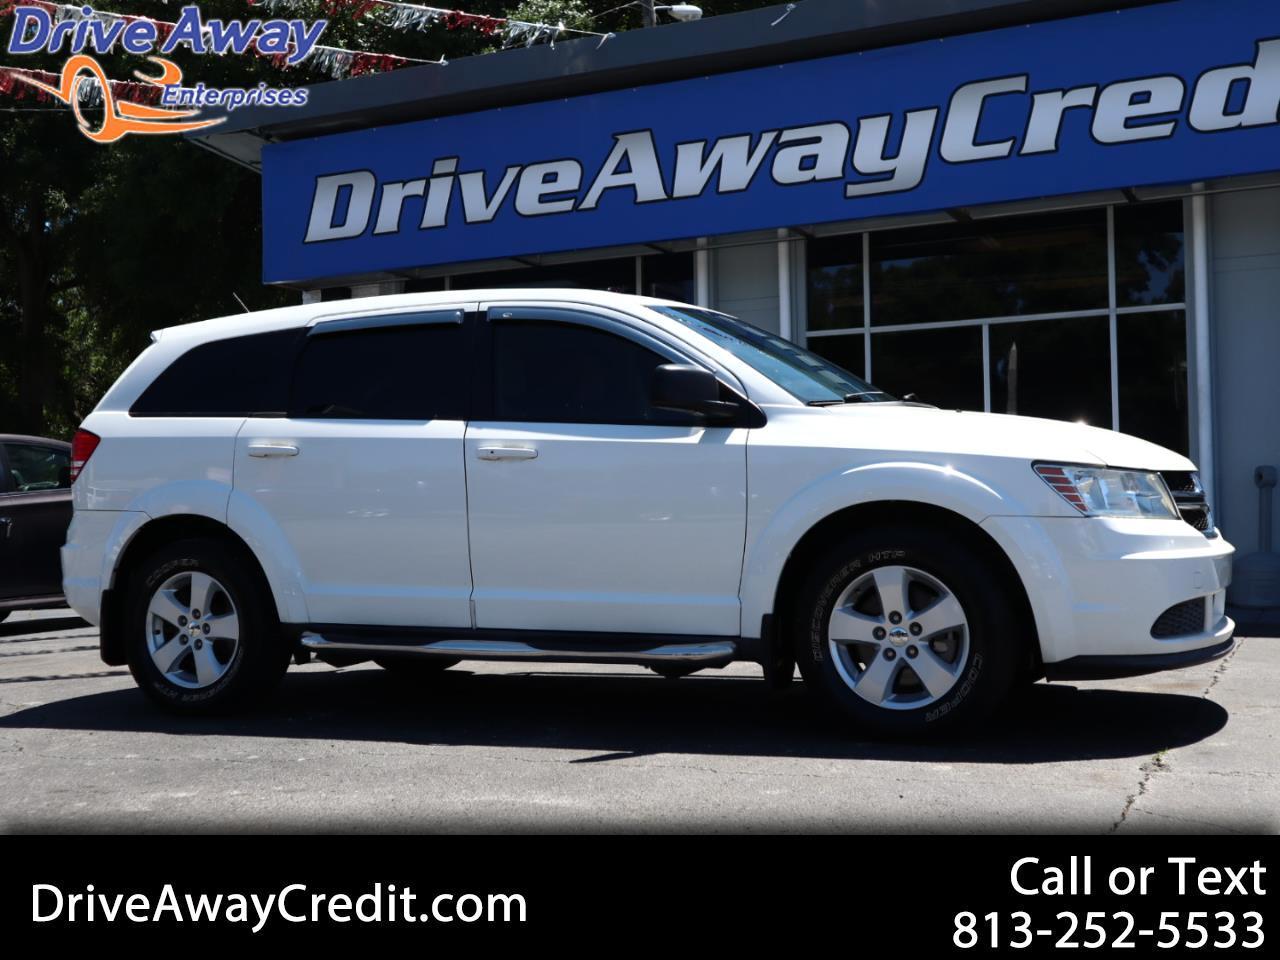 2013 Dodge Journey FWD 4dr American Value Pkg